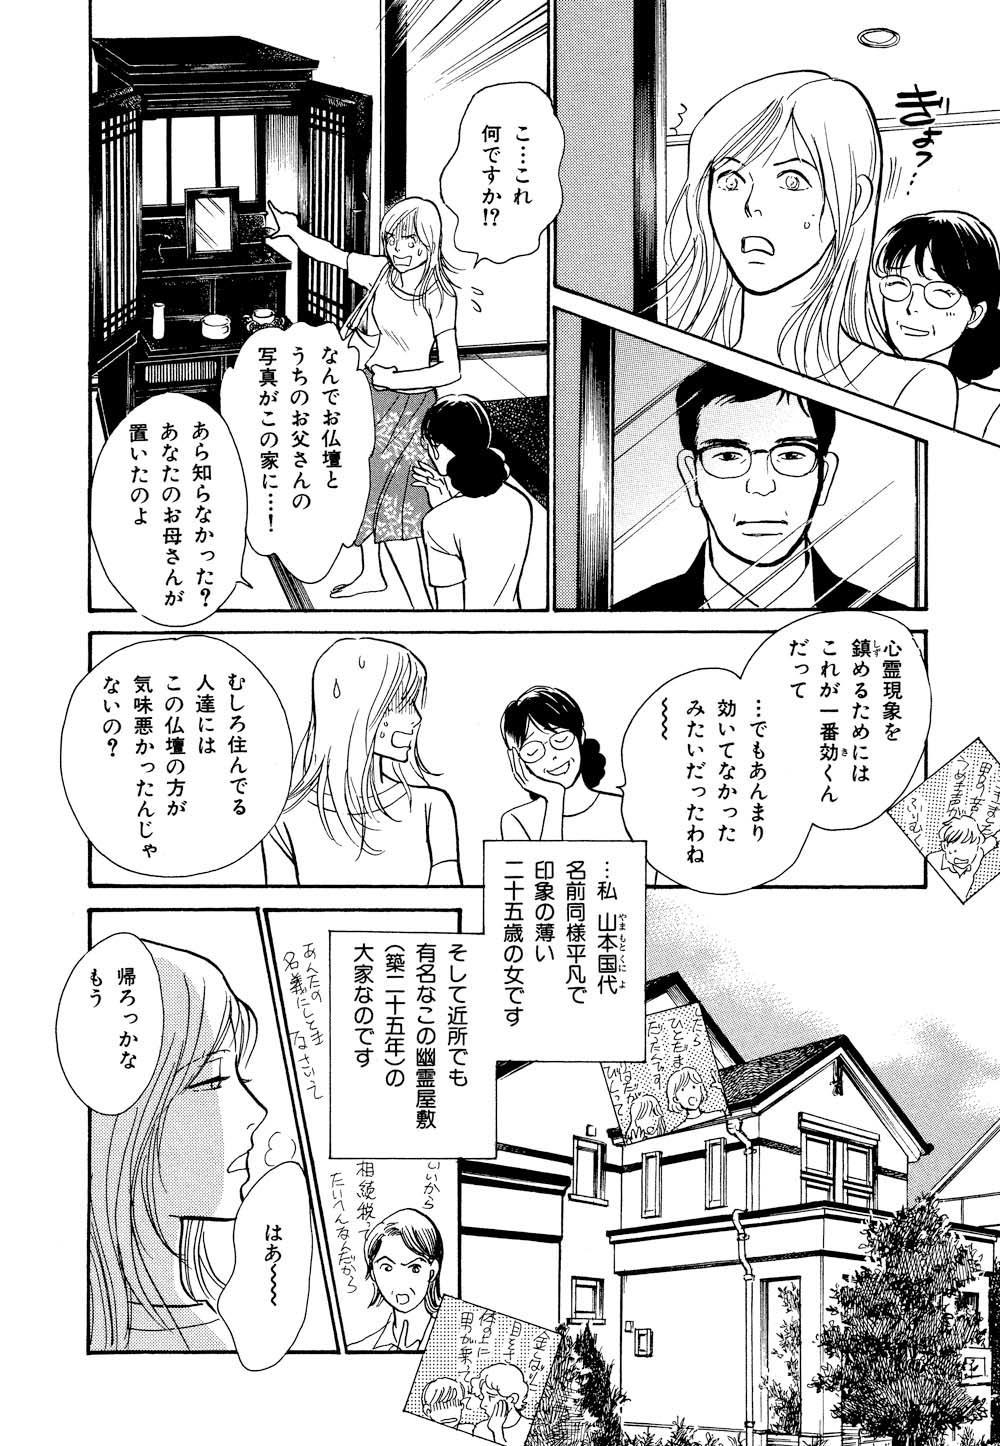 百鬼夜行抄_12_0158.jpg